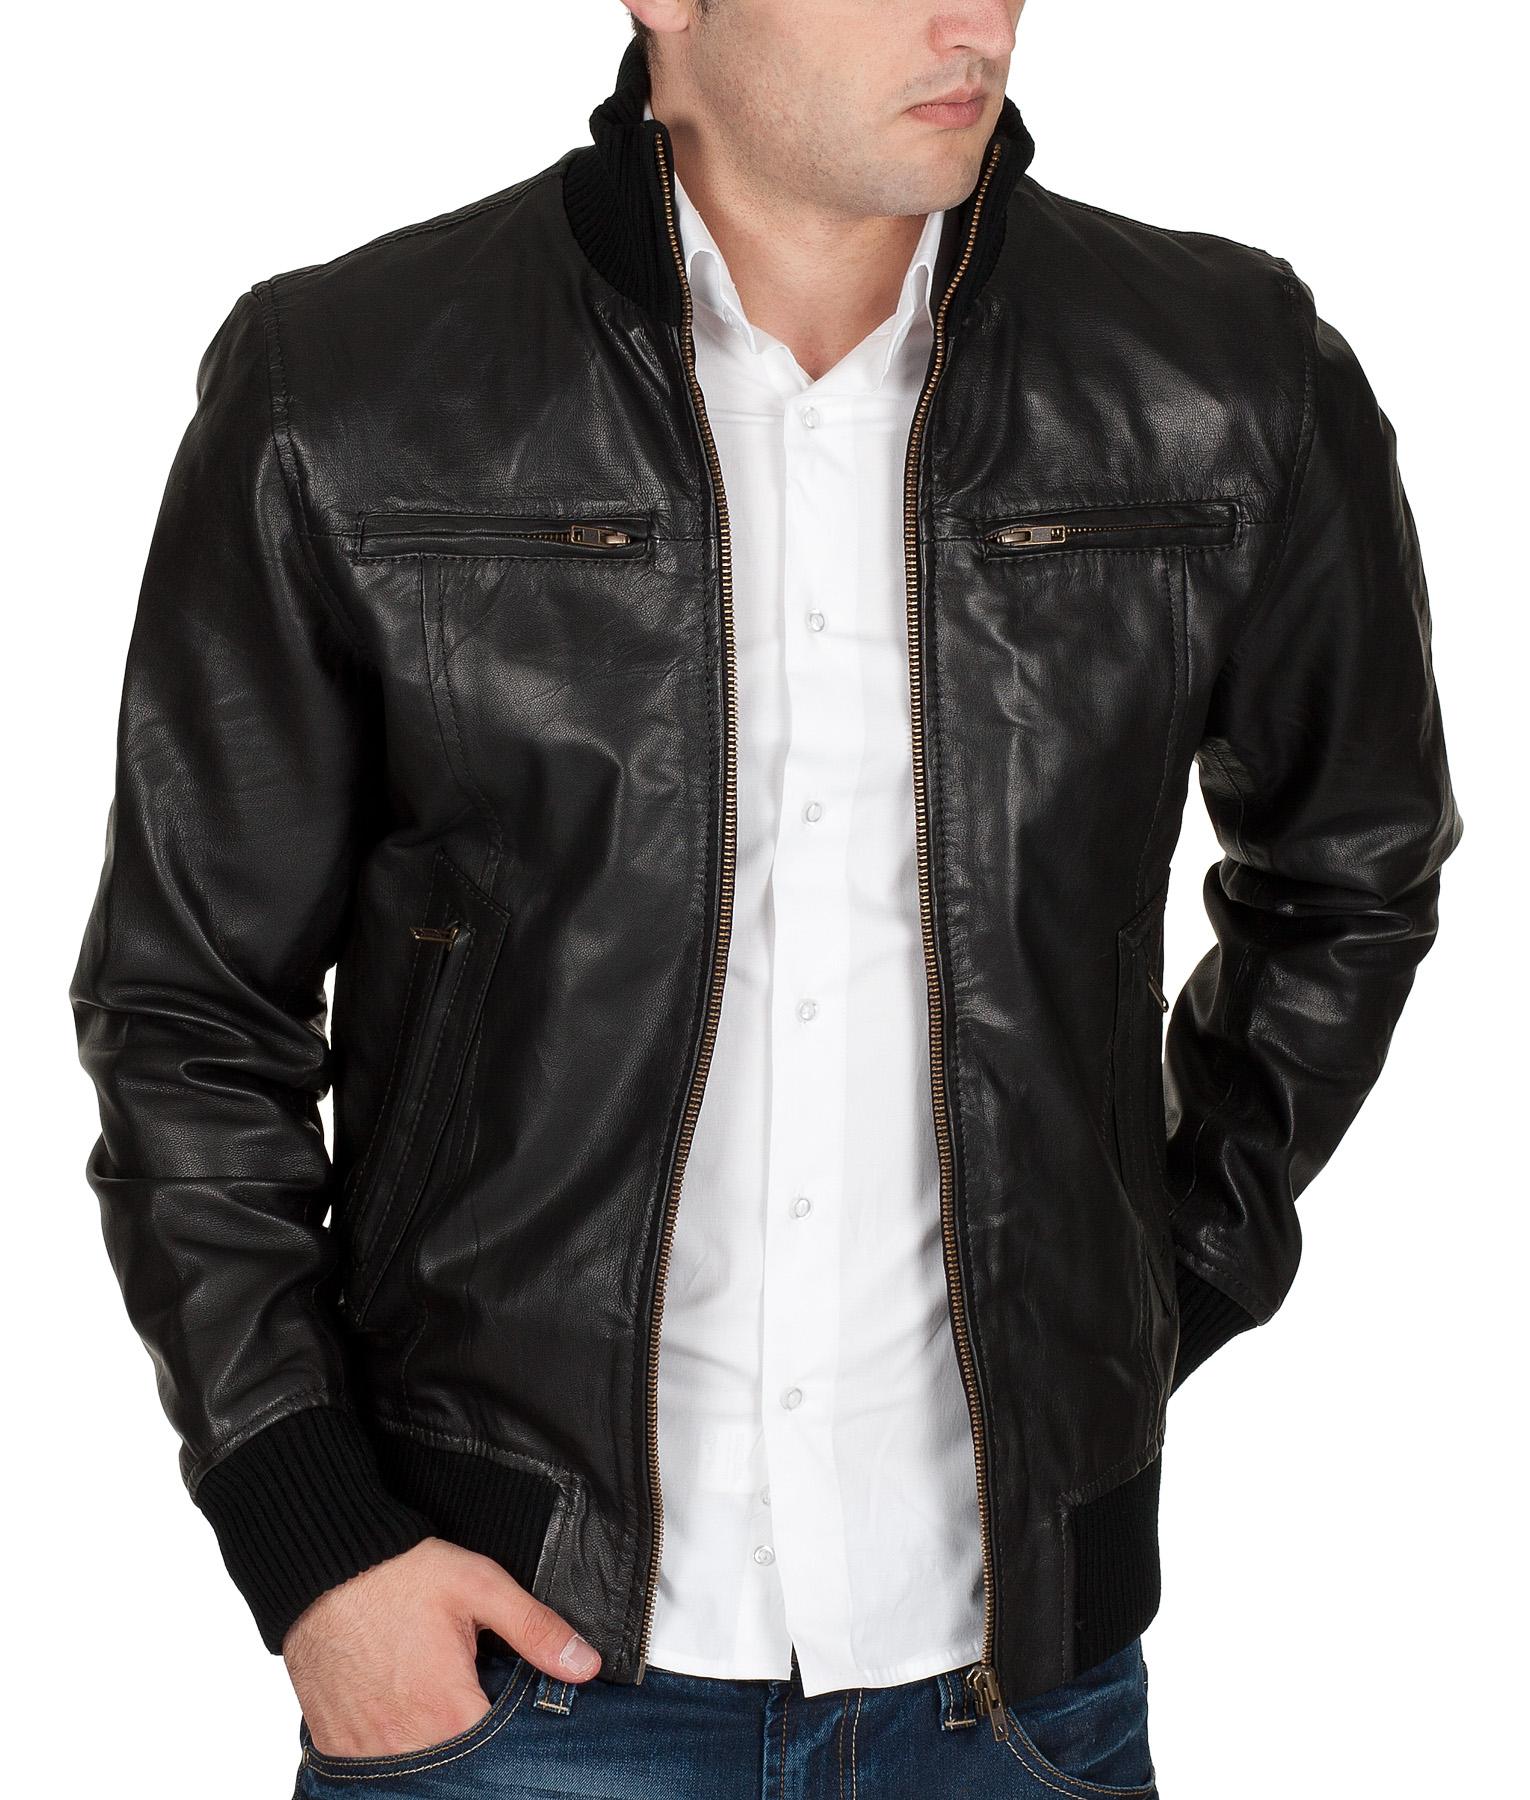 jack jones lederjacke by jack and jones jeans 2012 star. Black Bedroom Furniture Sets. Home Design Ideas